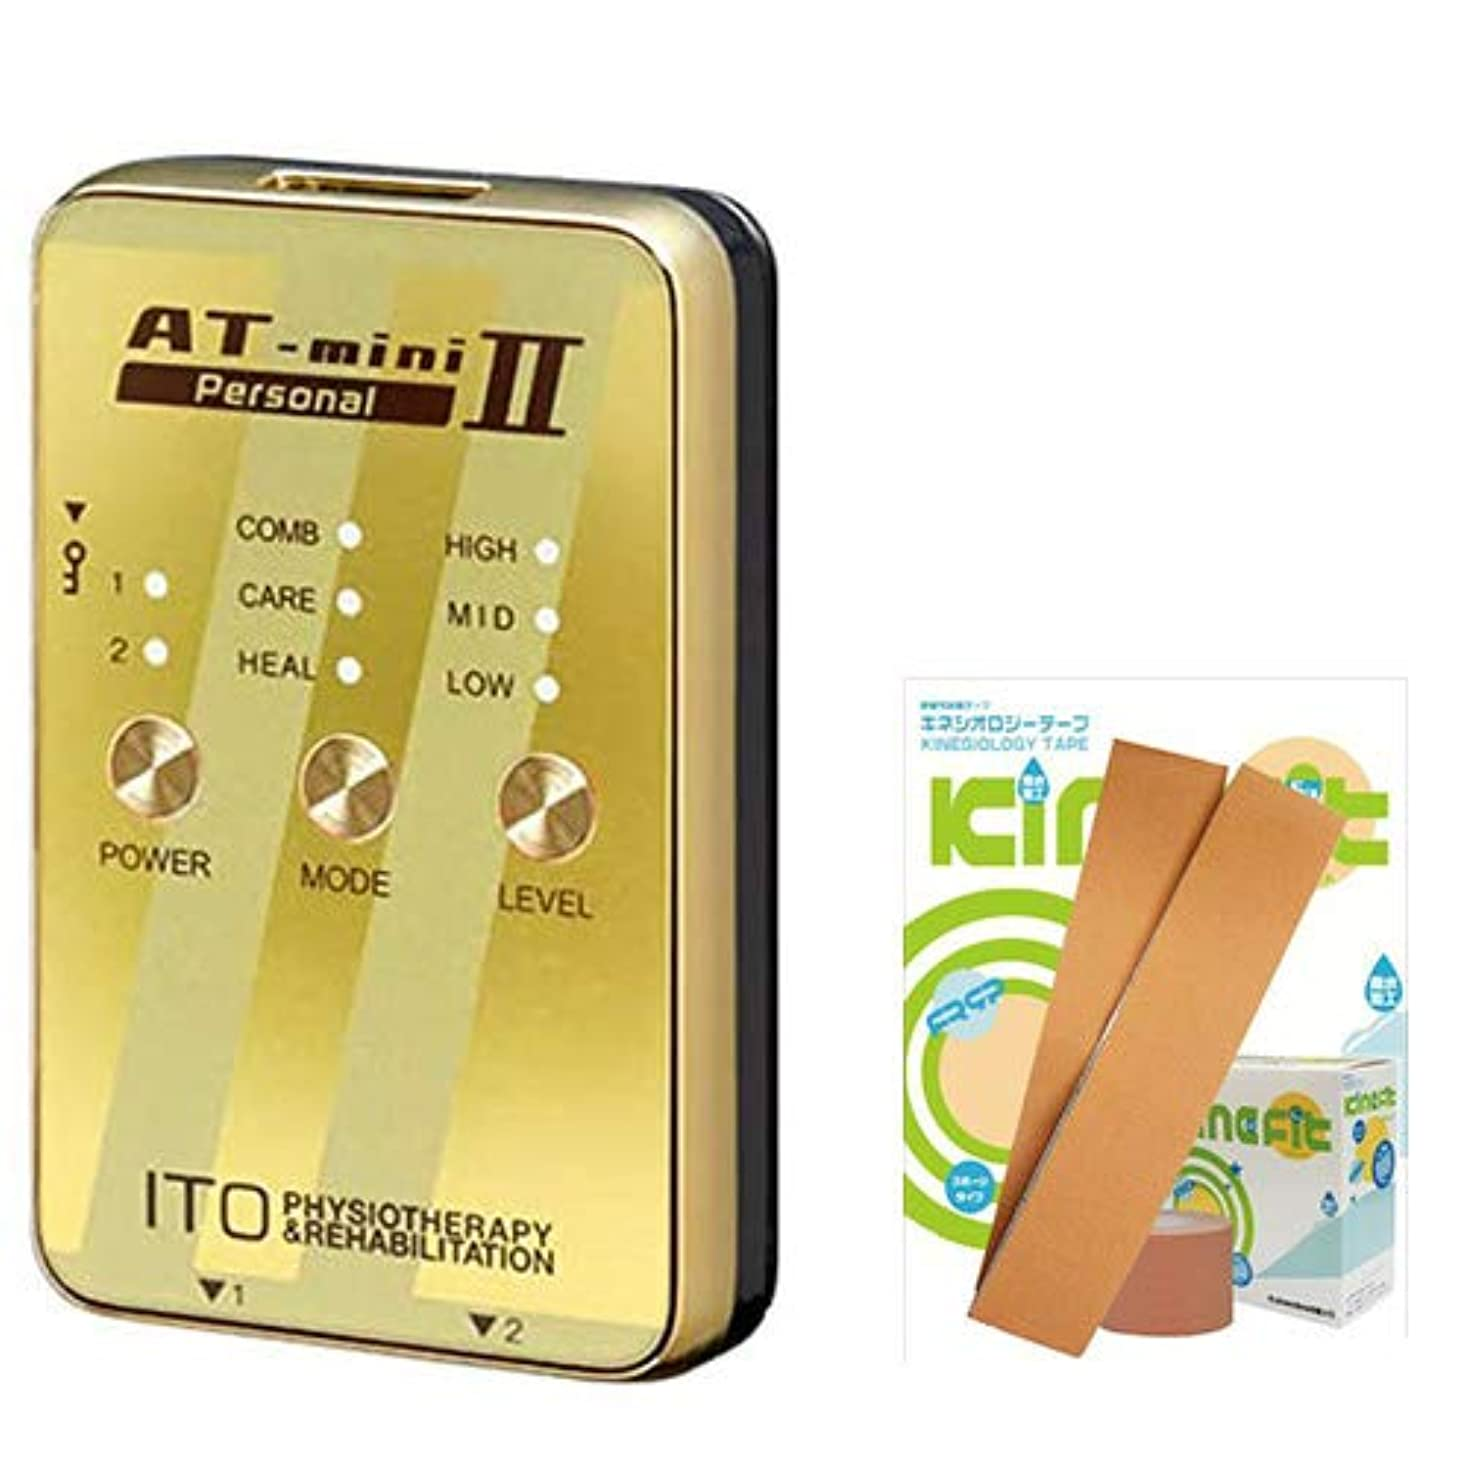 低周波治療器 AT-mini personal II ゴールド (ATミニパーソナル2) +キネフィットテープ50cmセット